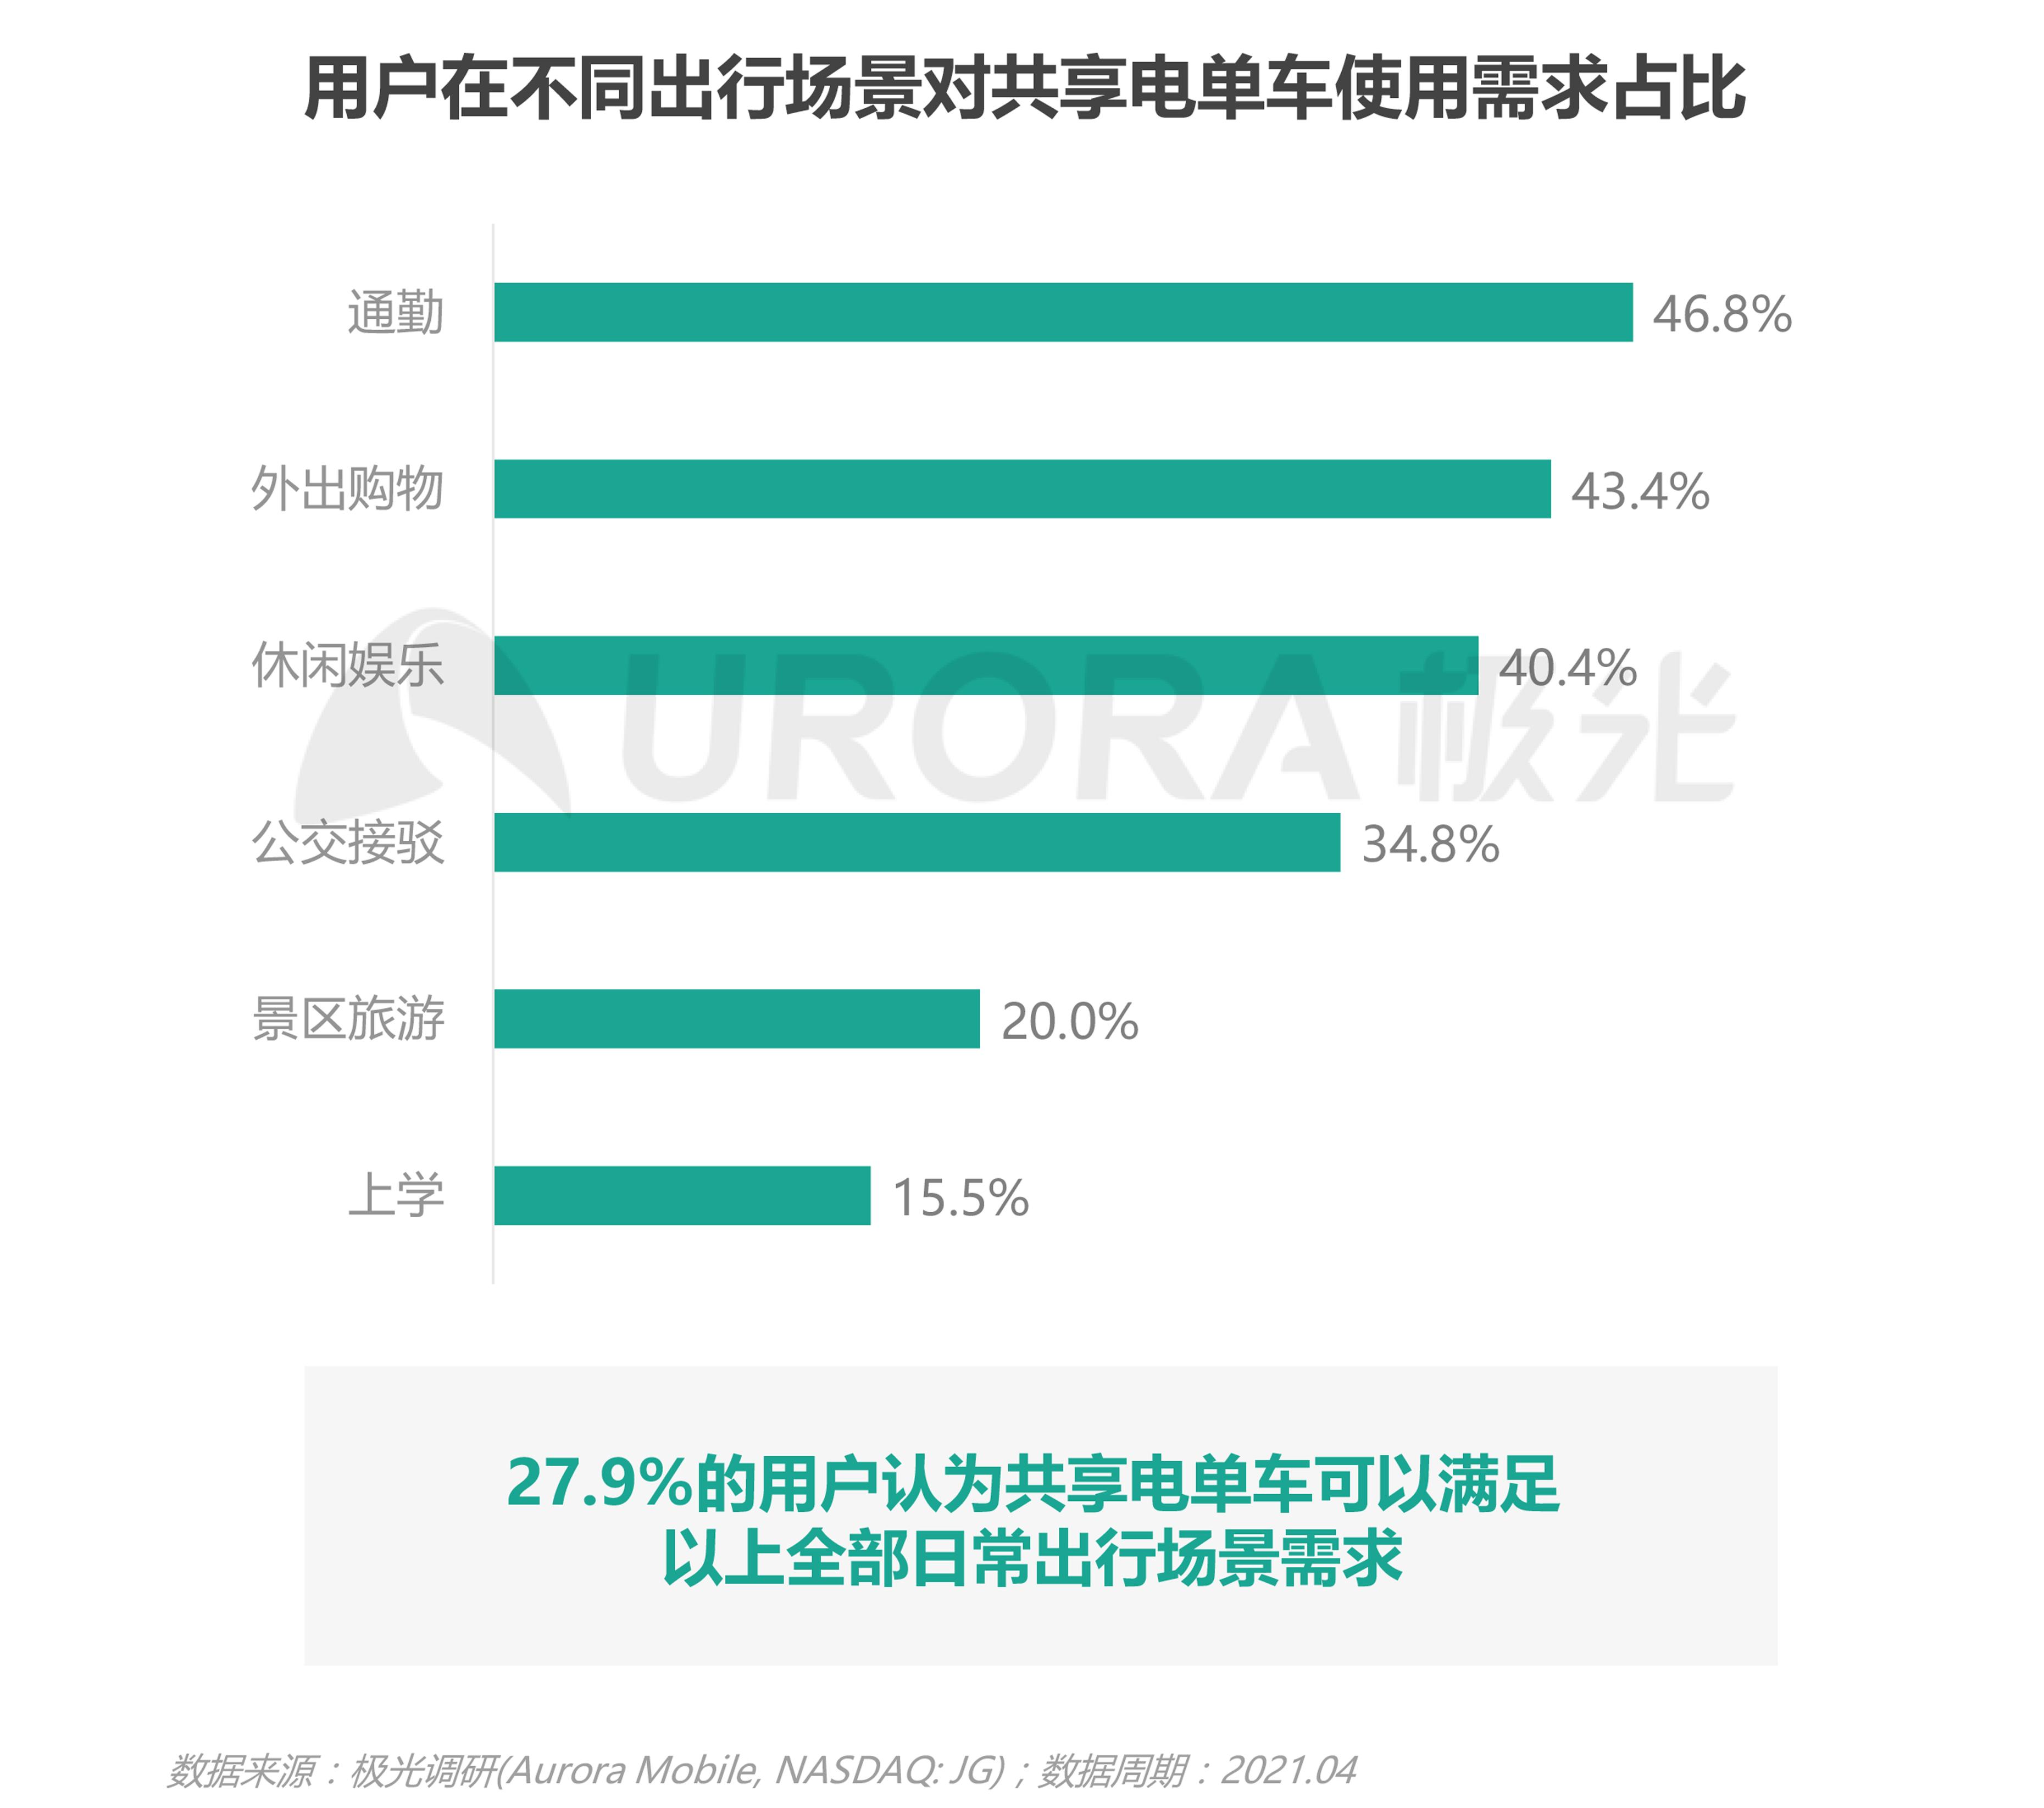 JIGUANG-共享电单车社会价值研究报告_0528(终版)-23.png